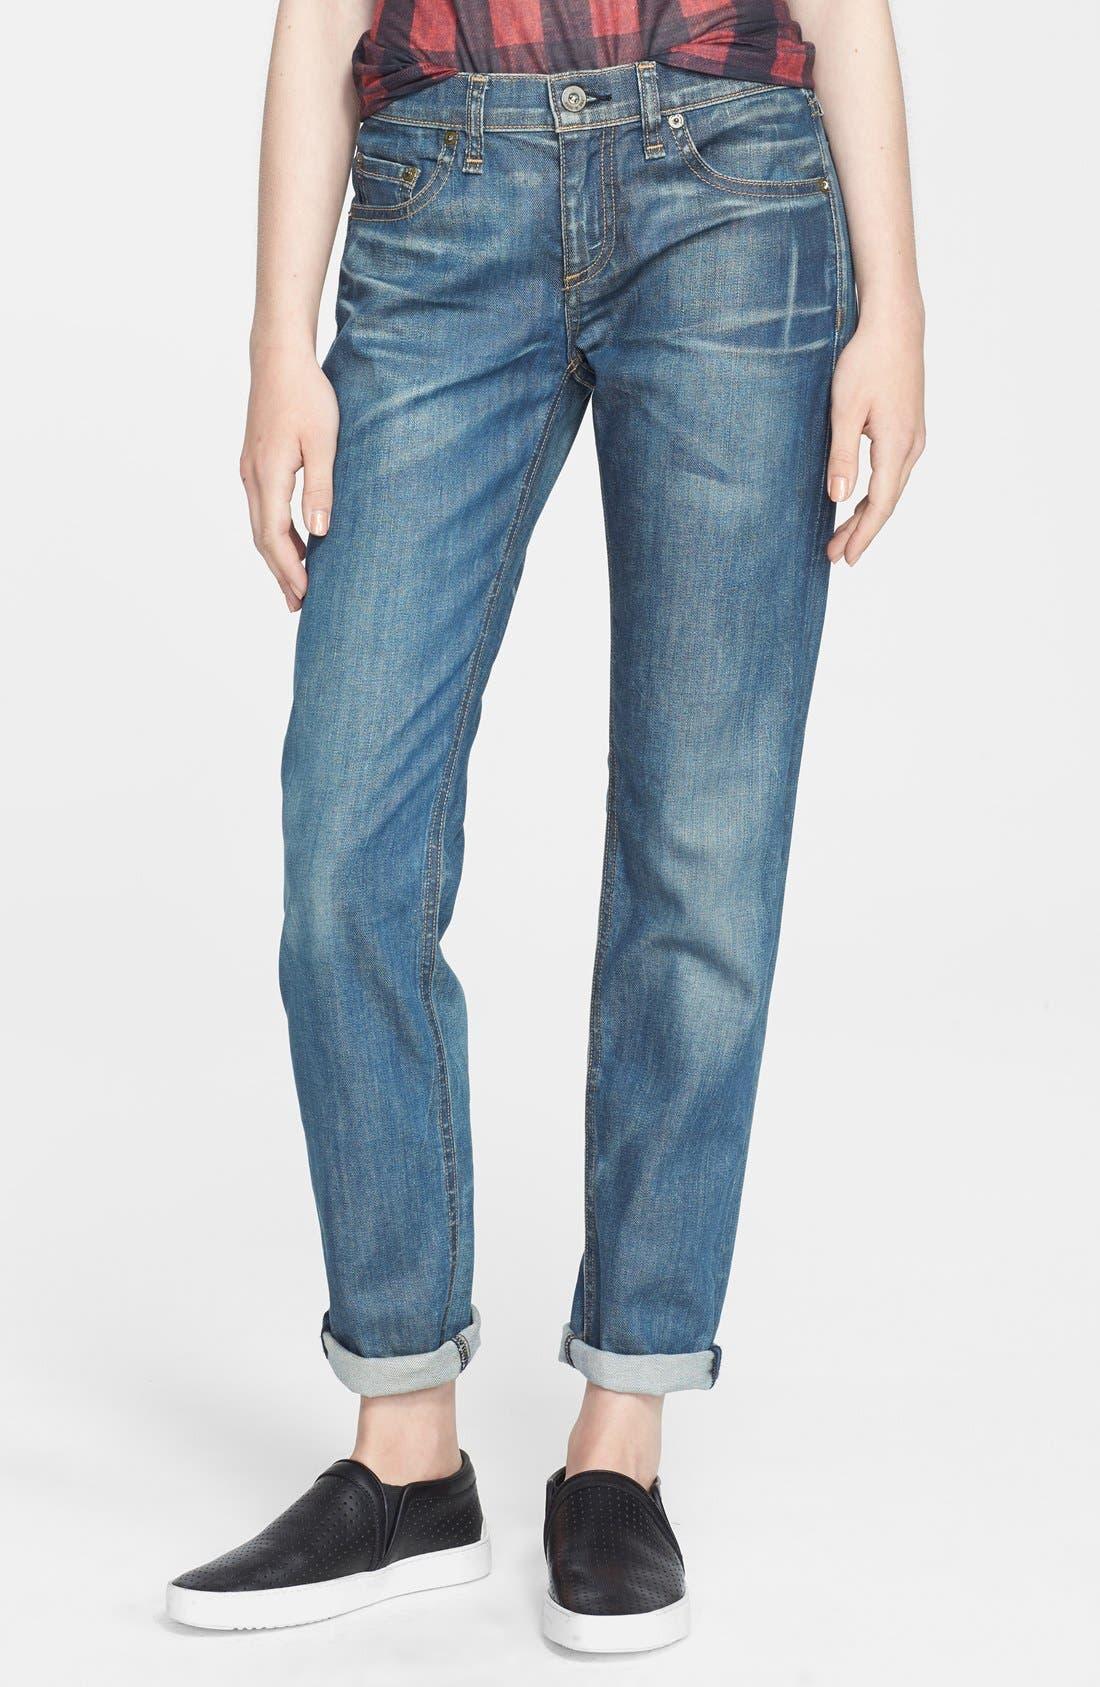 Main Image - rag & bone/JEAN 'Dre' Boyfriend Skinny Jeans (Cannon)